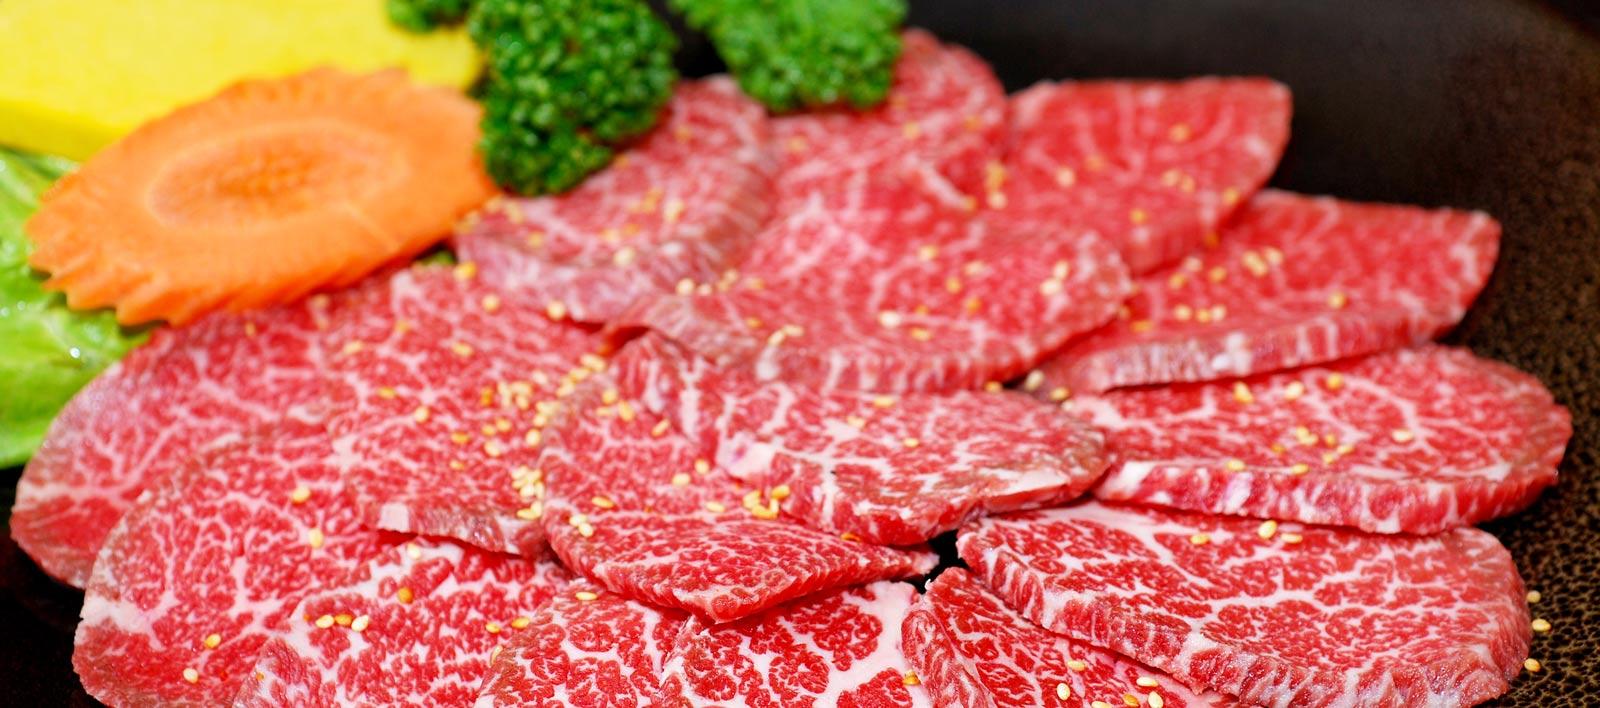 Bild Wagyu-Fleisch Zubereitung